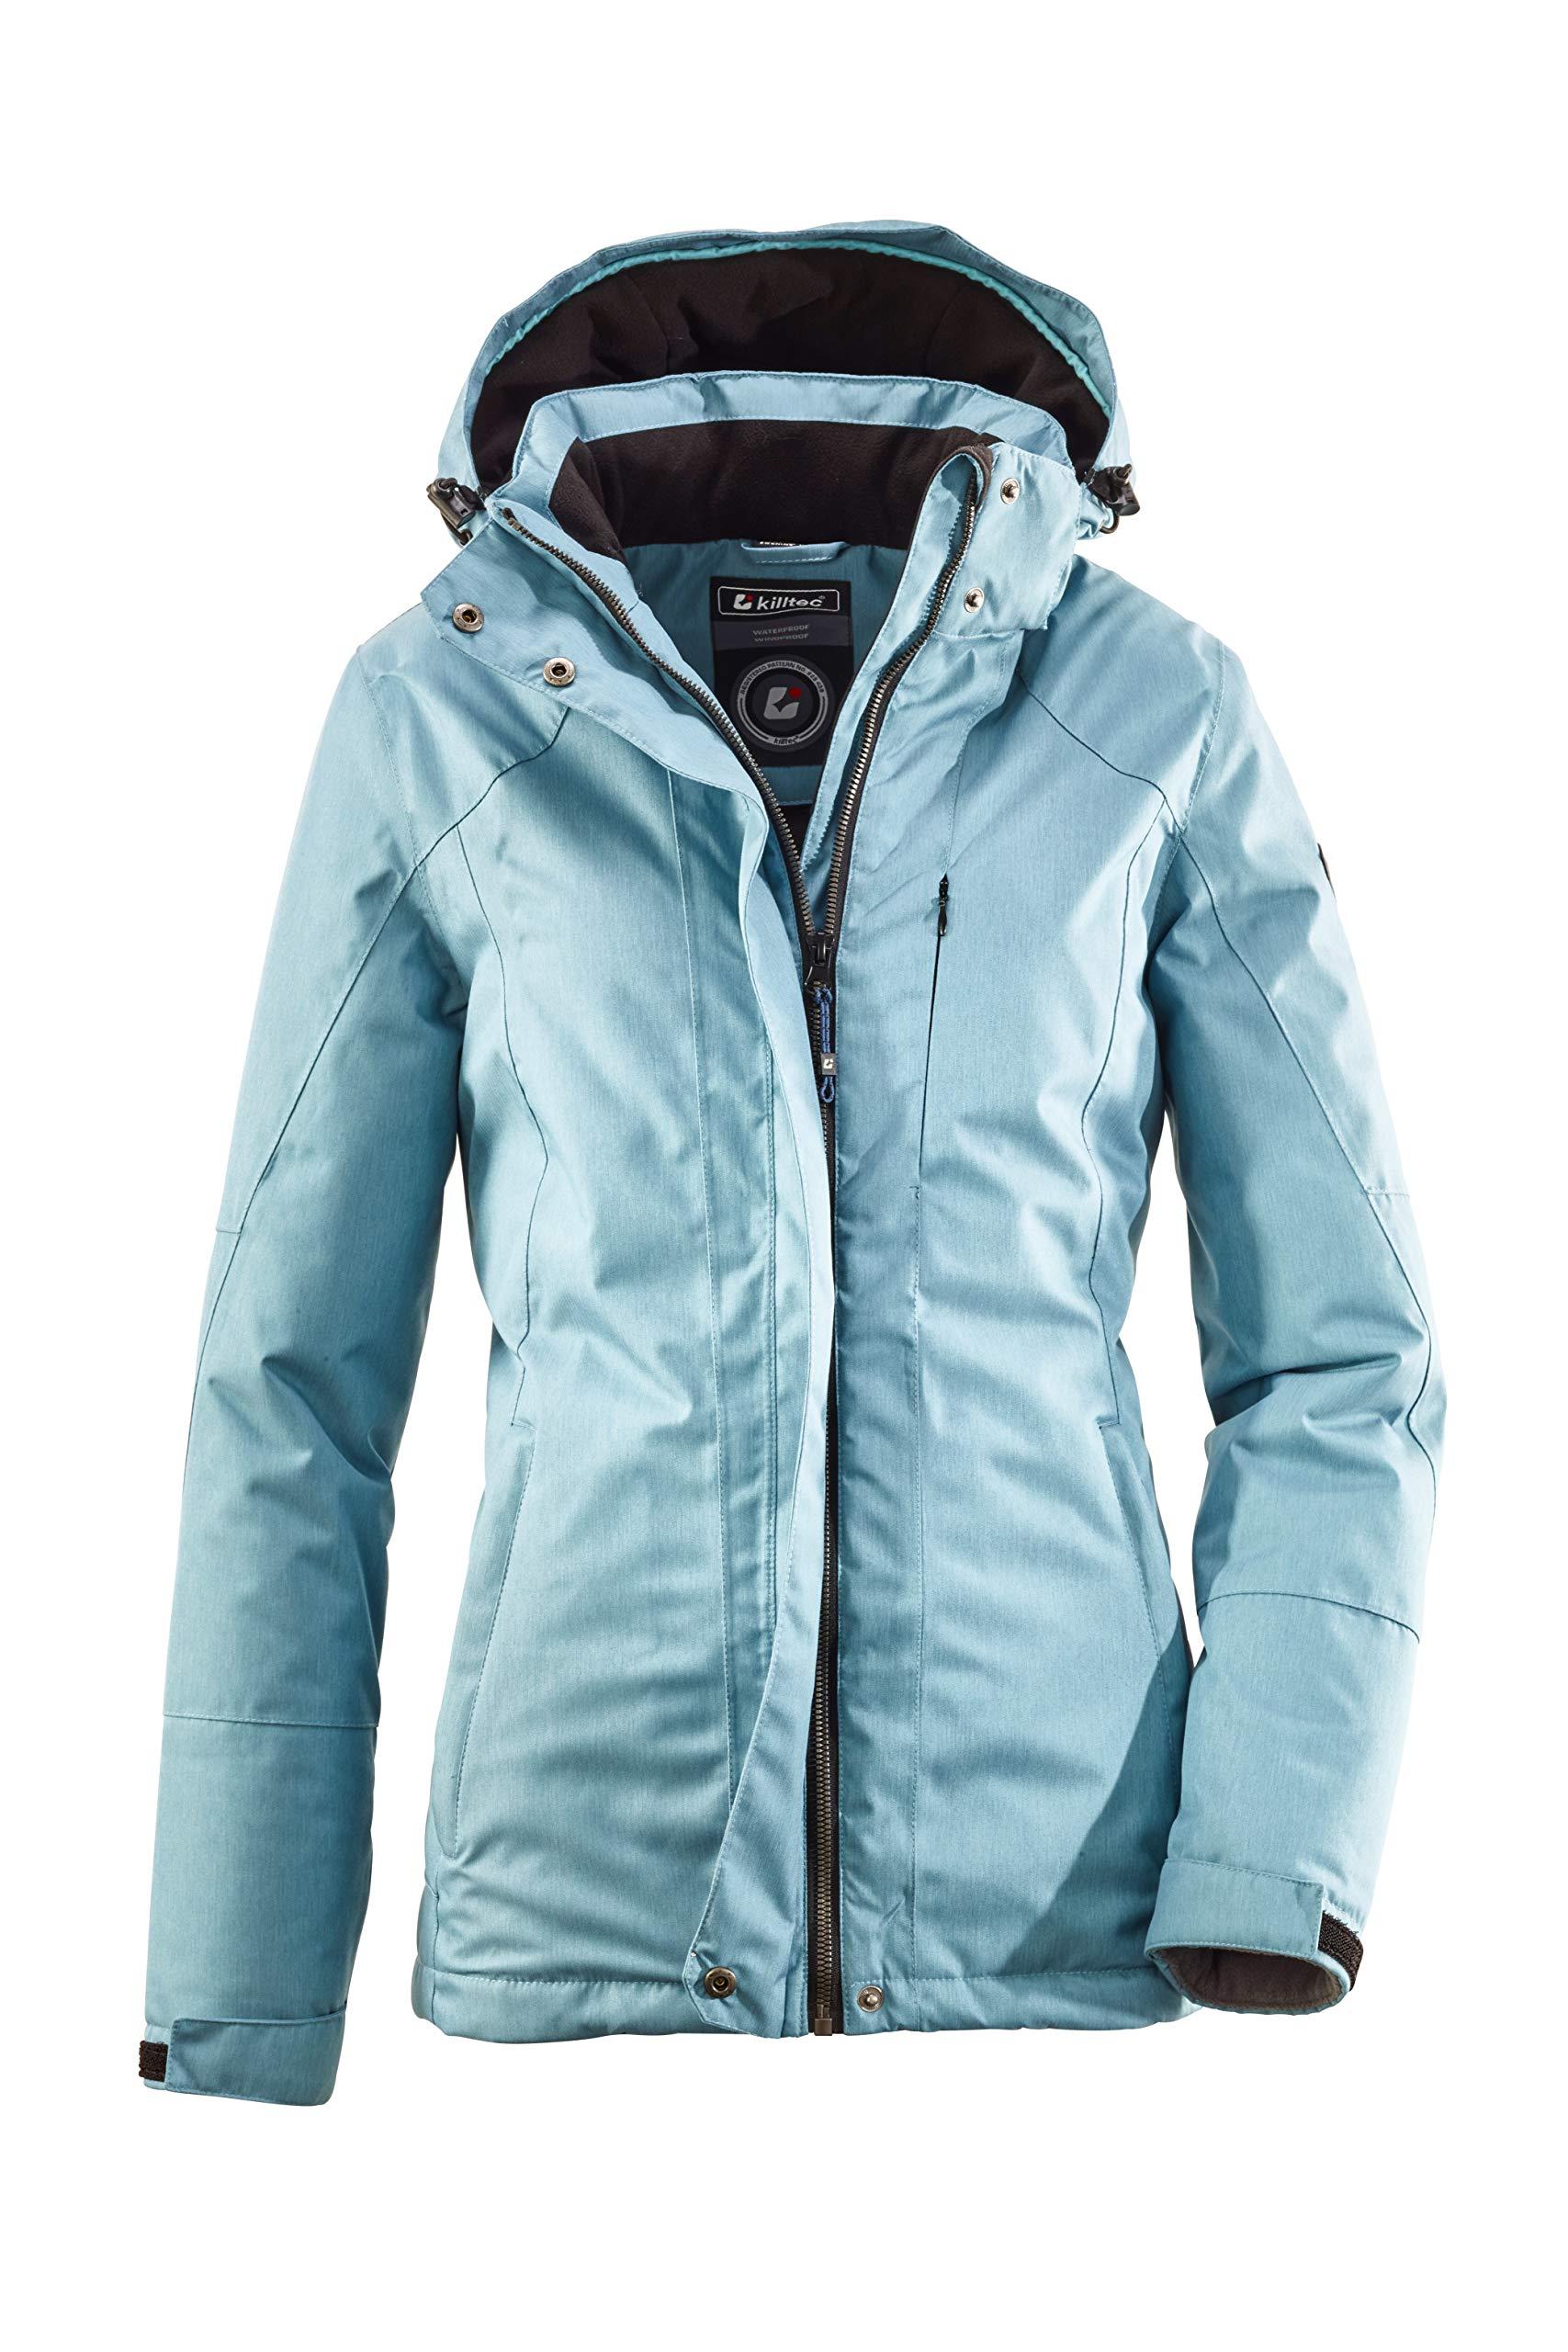 81rn4zVbApL - killtec Women's Zala Functional Jacket with Zip-Off Hood